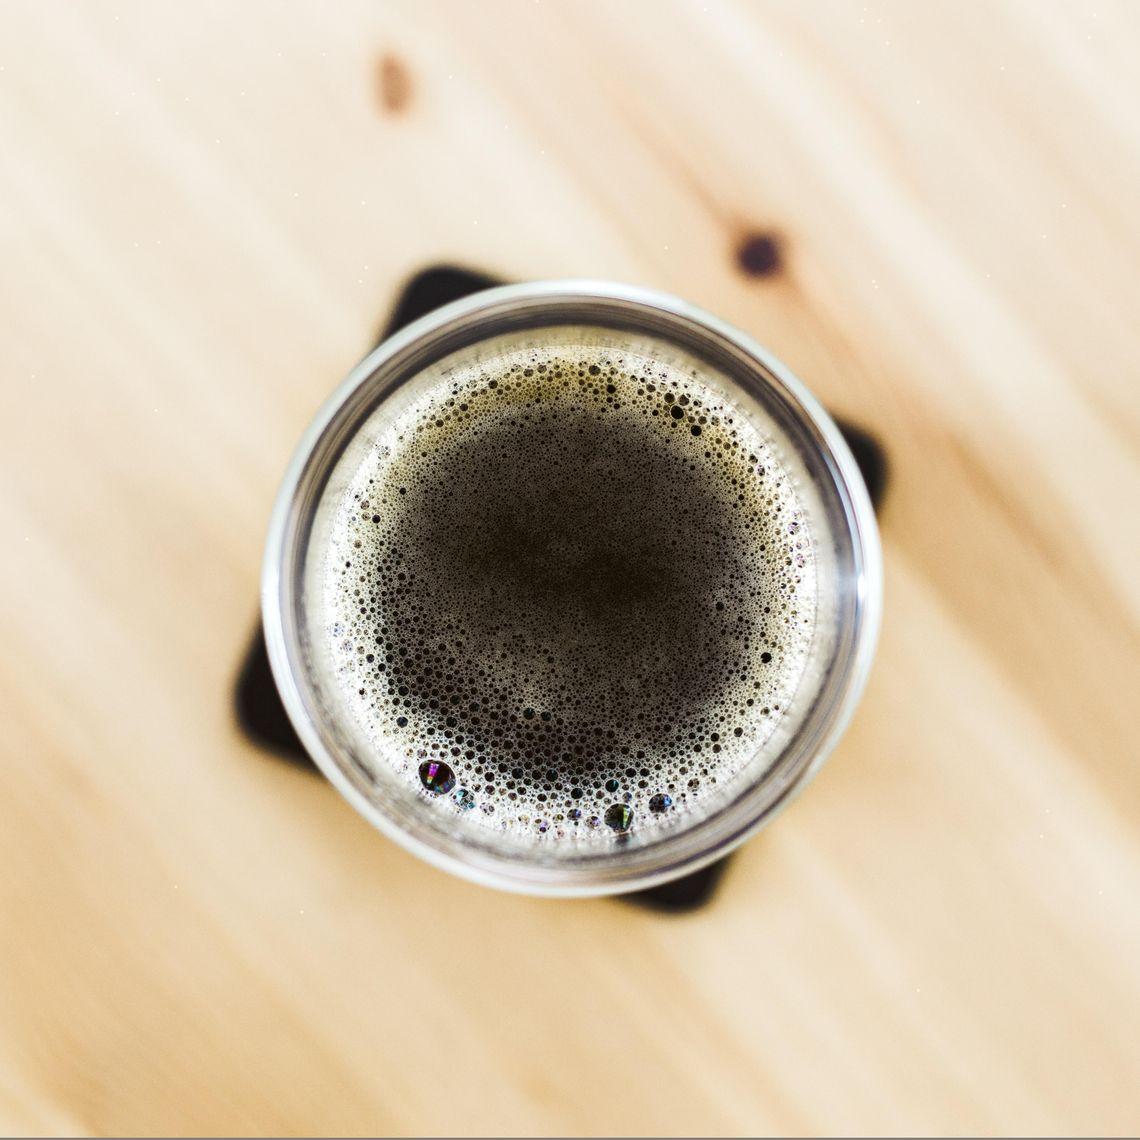 Obrazek - Kawa bezkofeinowa – czy warto ją pić?